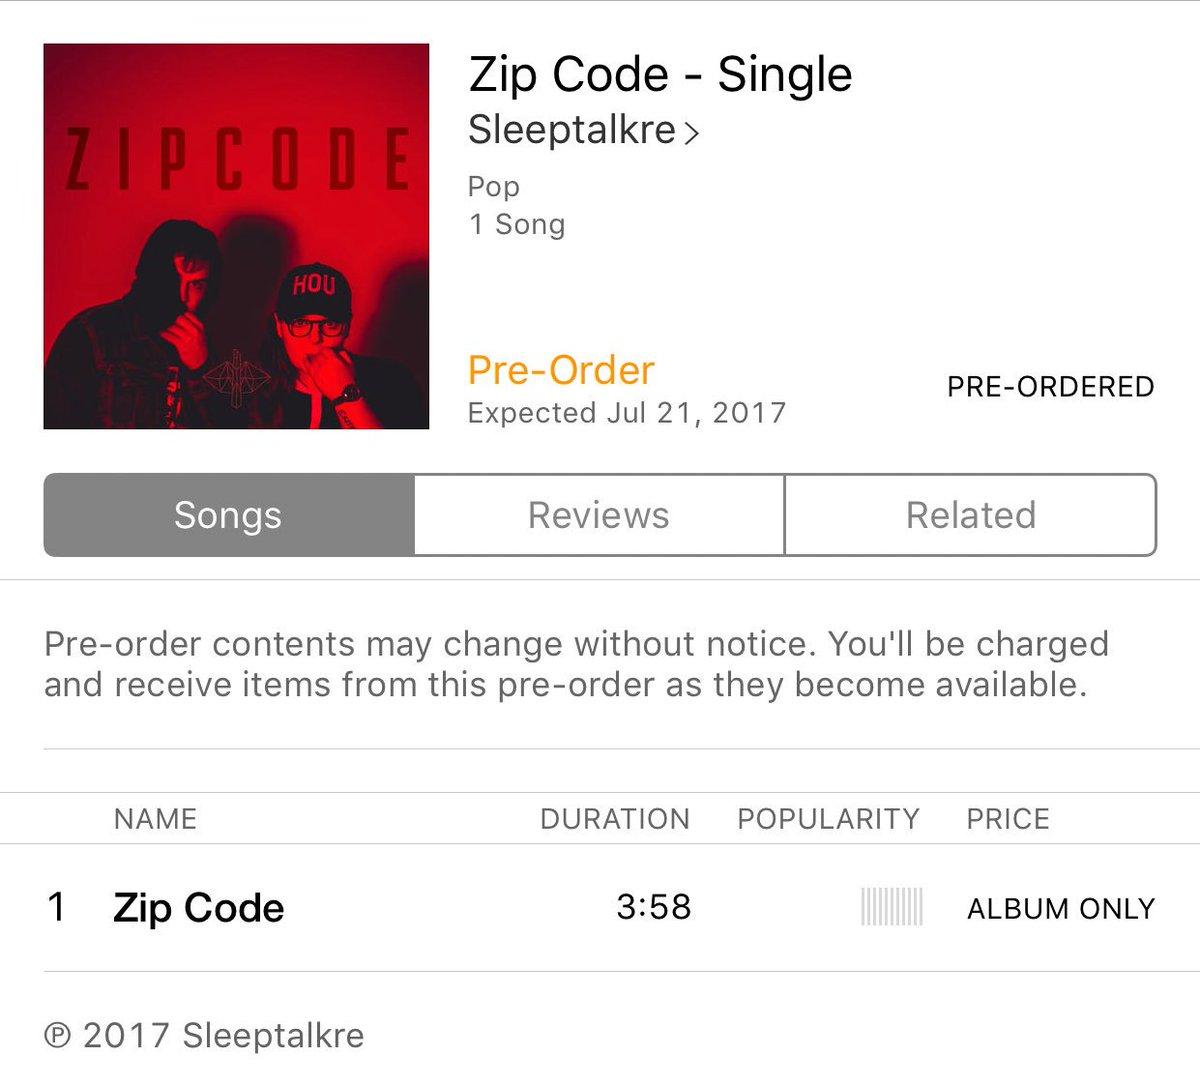 Zipcode Hashtag On Twitter - Us zip code alphanumeric